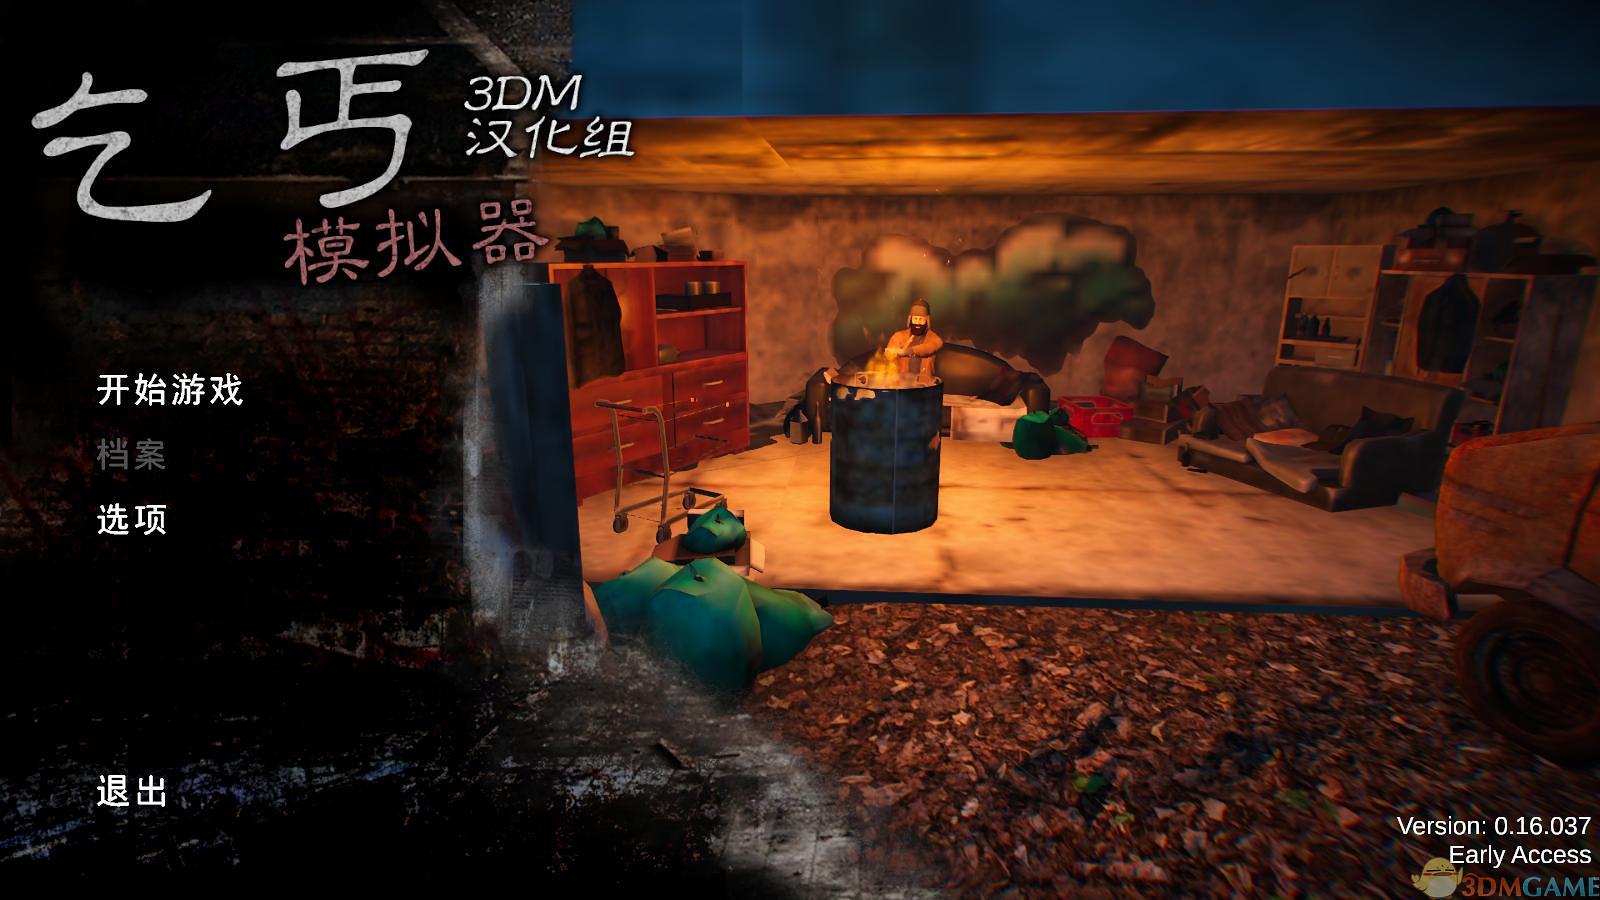 《流浪汉:艰难的生活_乞丐模拟器》免安装v1.00.017中文绿色版[13.4GB]